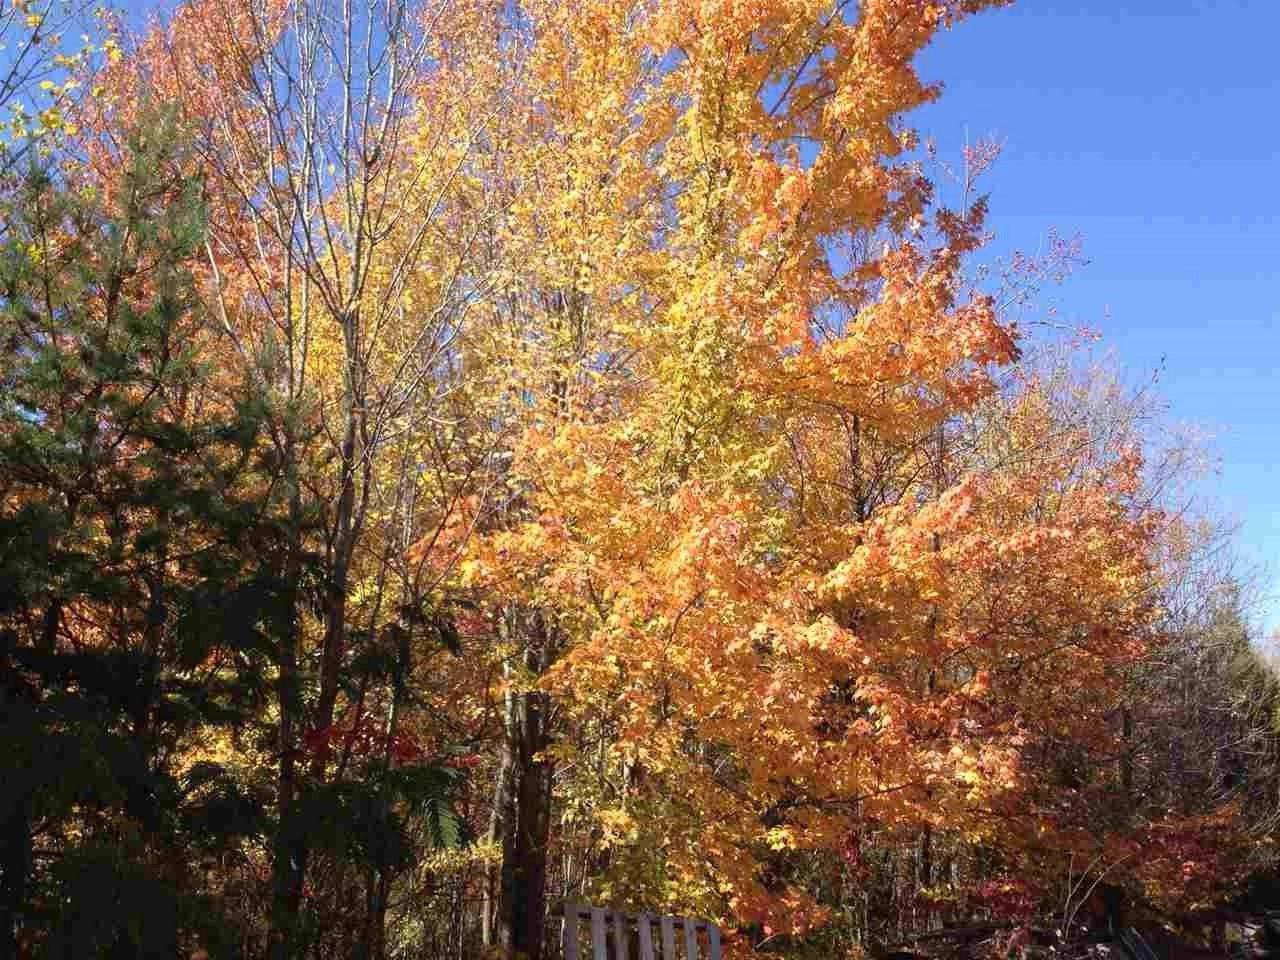 lot 6 Shamrock Shamrock Lane - Photo 1